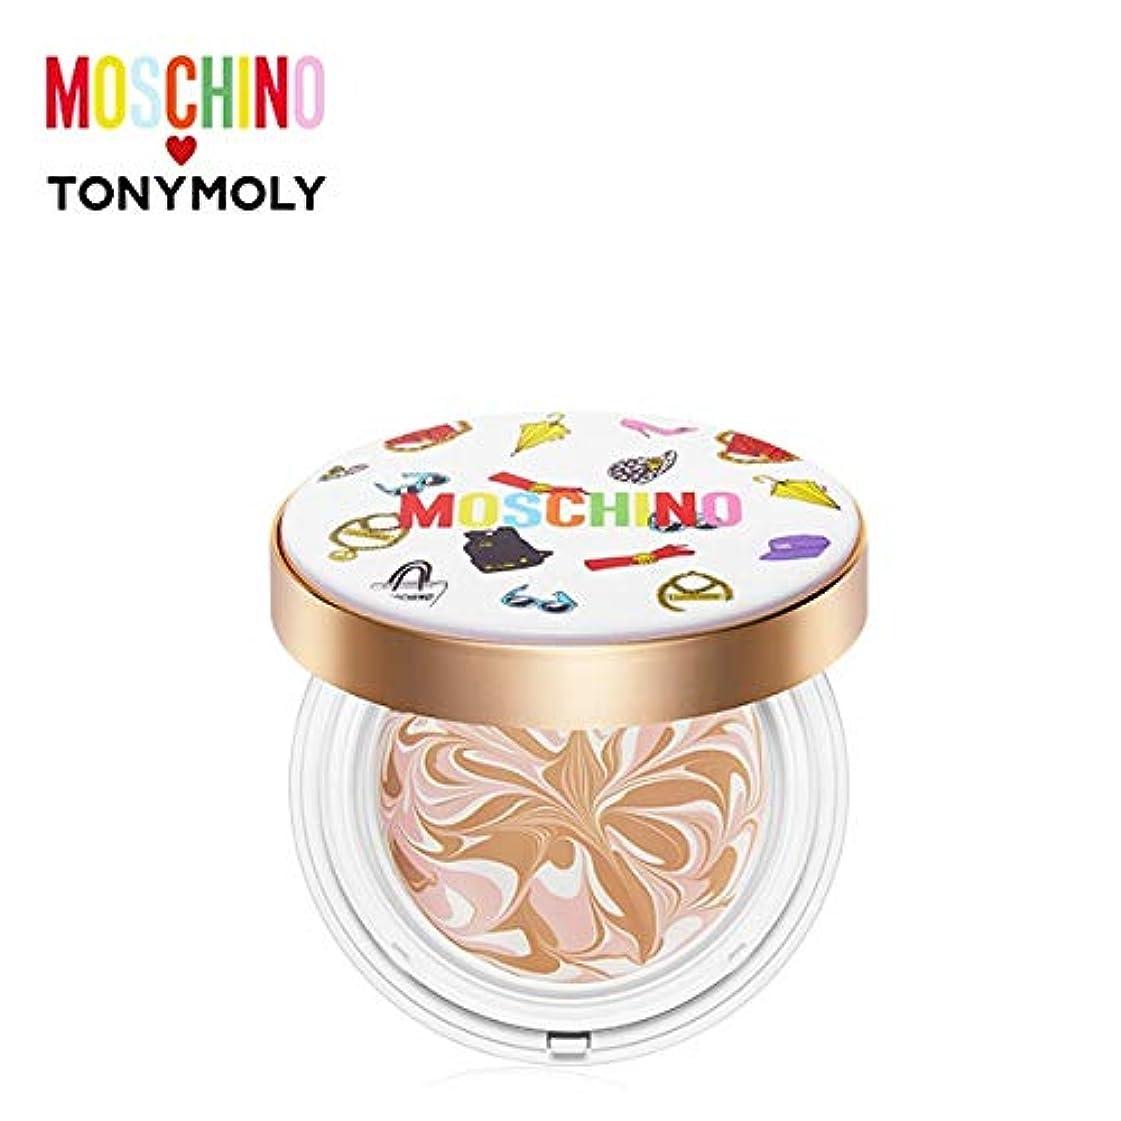 死方向時々トニーモリー [モスキーノ] シック スキン エッセンス パクト 18g TONYMOLY [MOSCHINO] Chic Skin Essence Pact #01 CHIC VANILLA [並行輸入品]